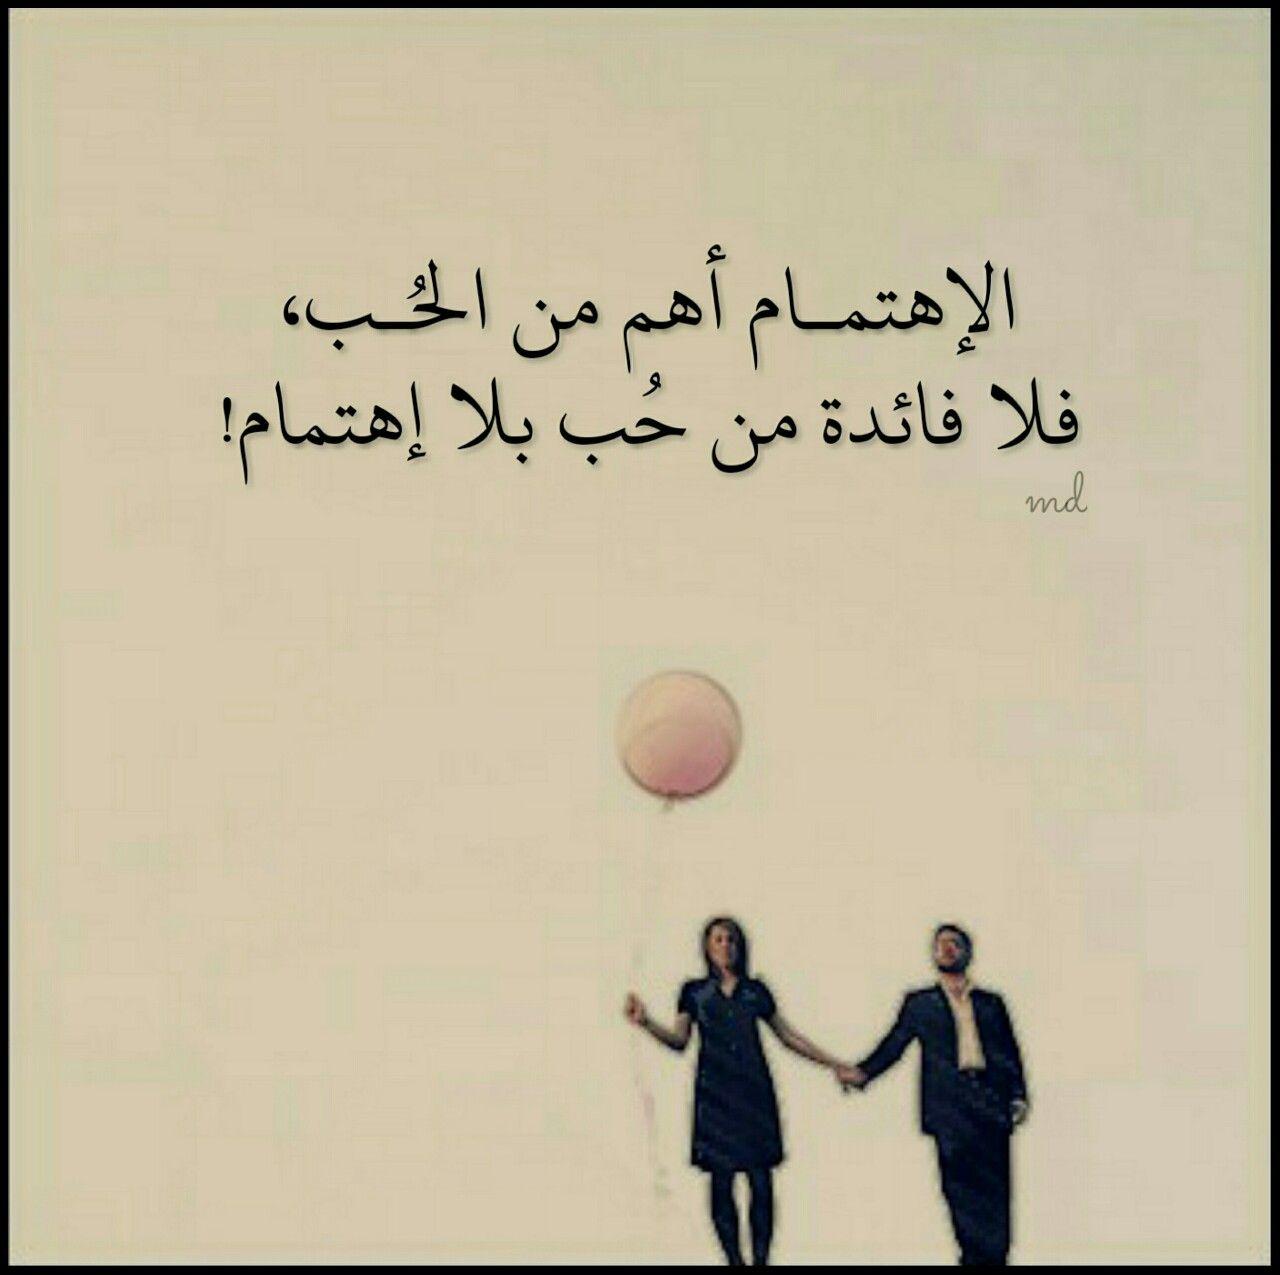 بالصور كلام جميل عن الحياة والحب , اجمل العبارات عن الحب والحياه 3558 1